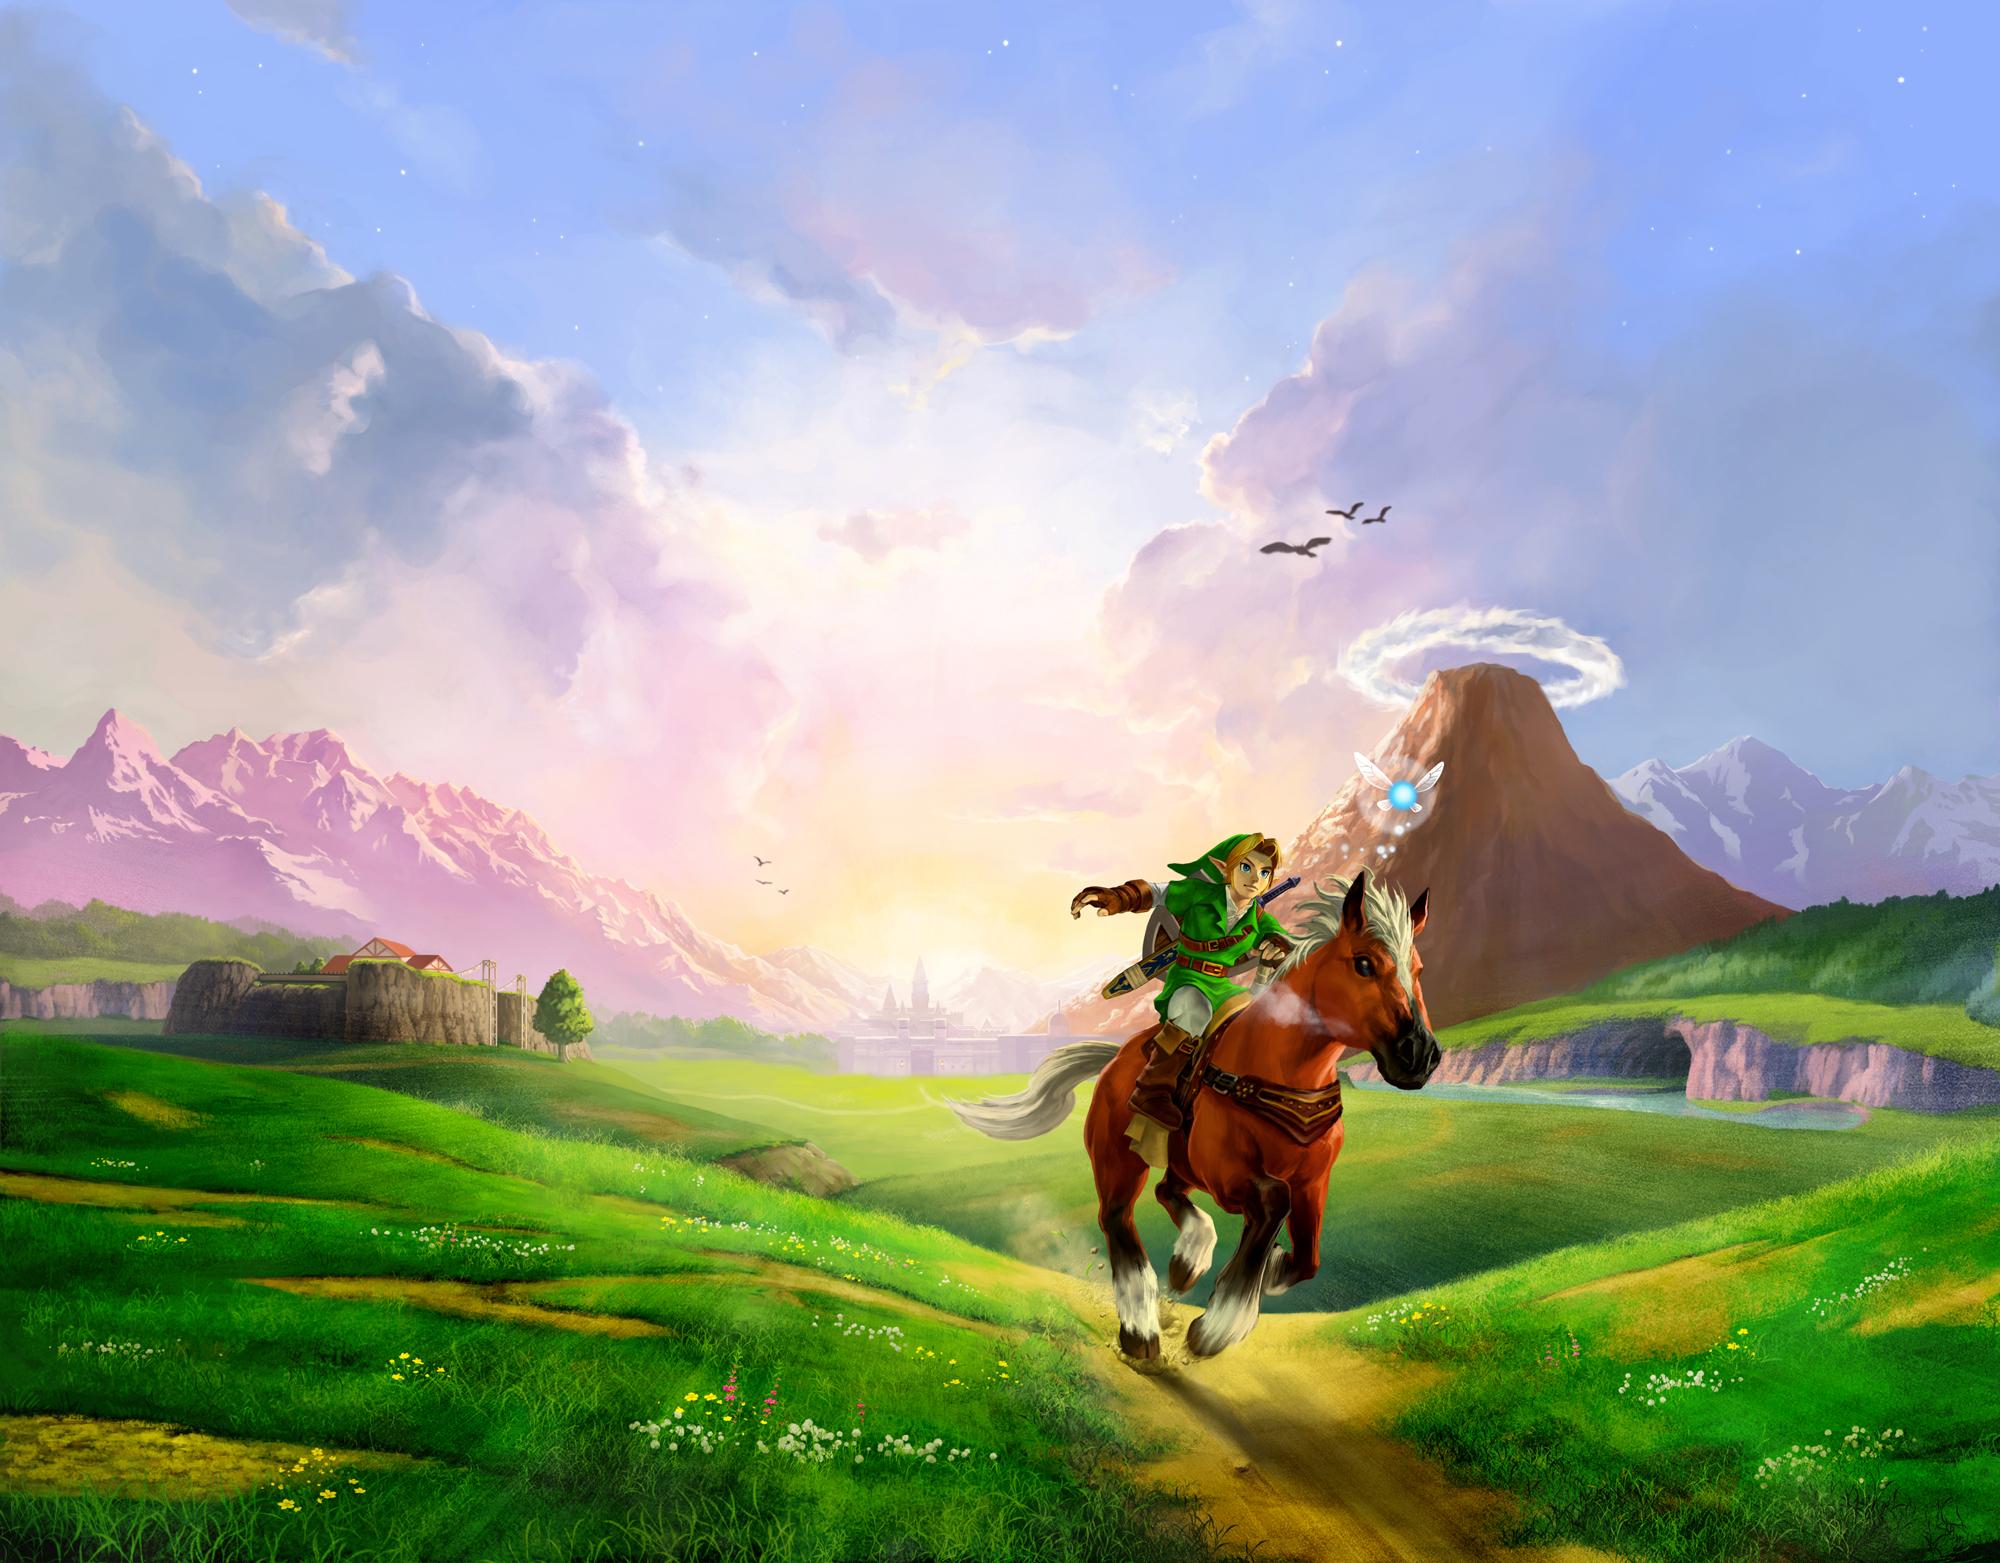 Image credit: Zelda Wikia